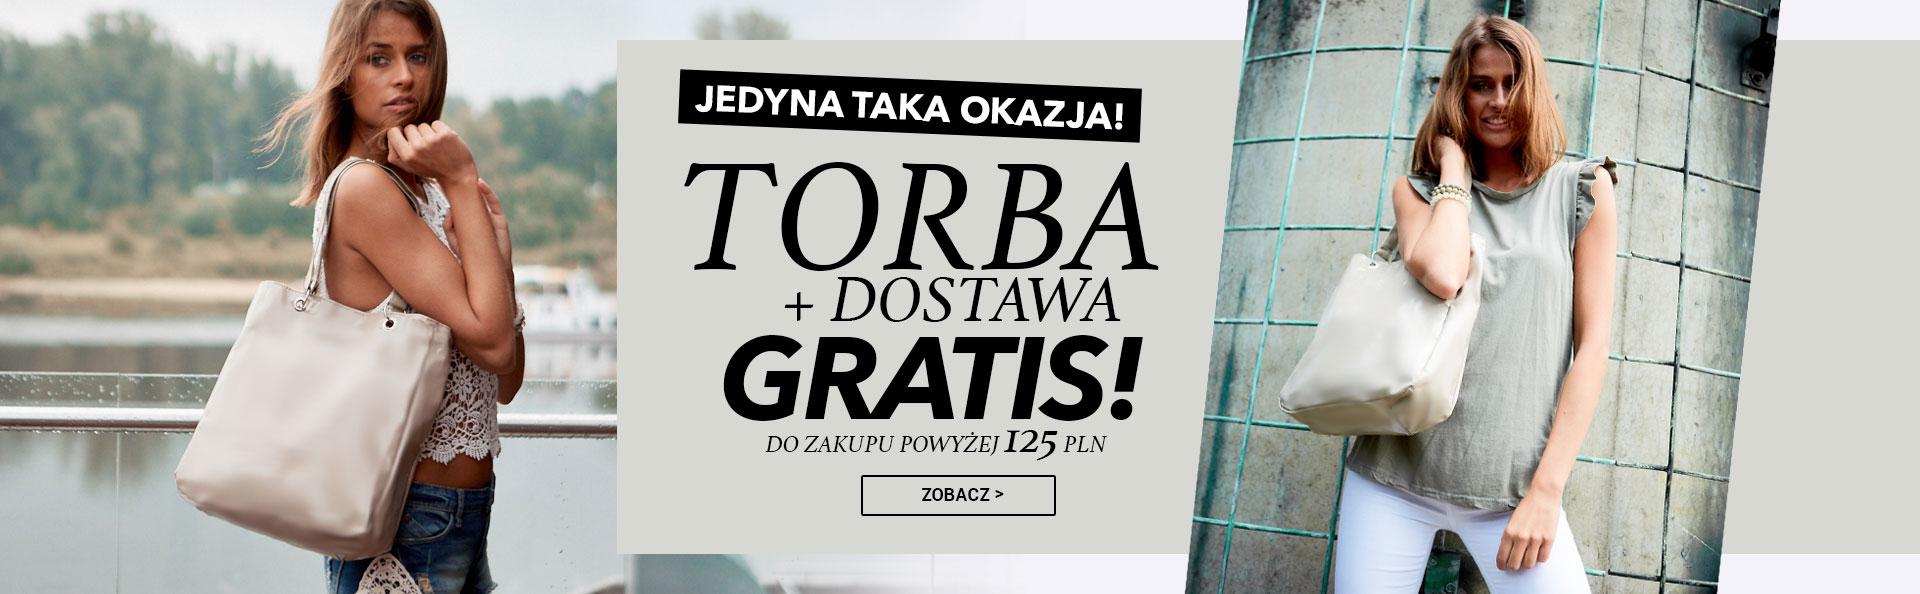 Torba i dostawa gratis przy zakupach pow. 125 zł -eButik!